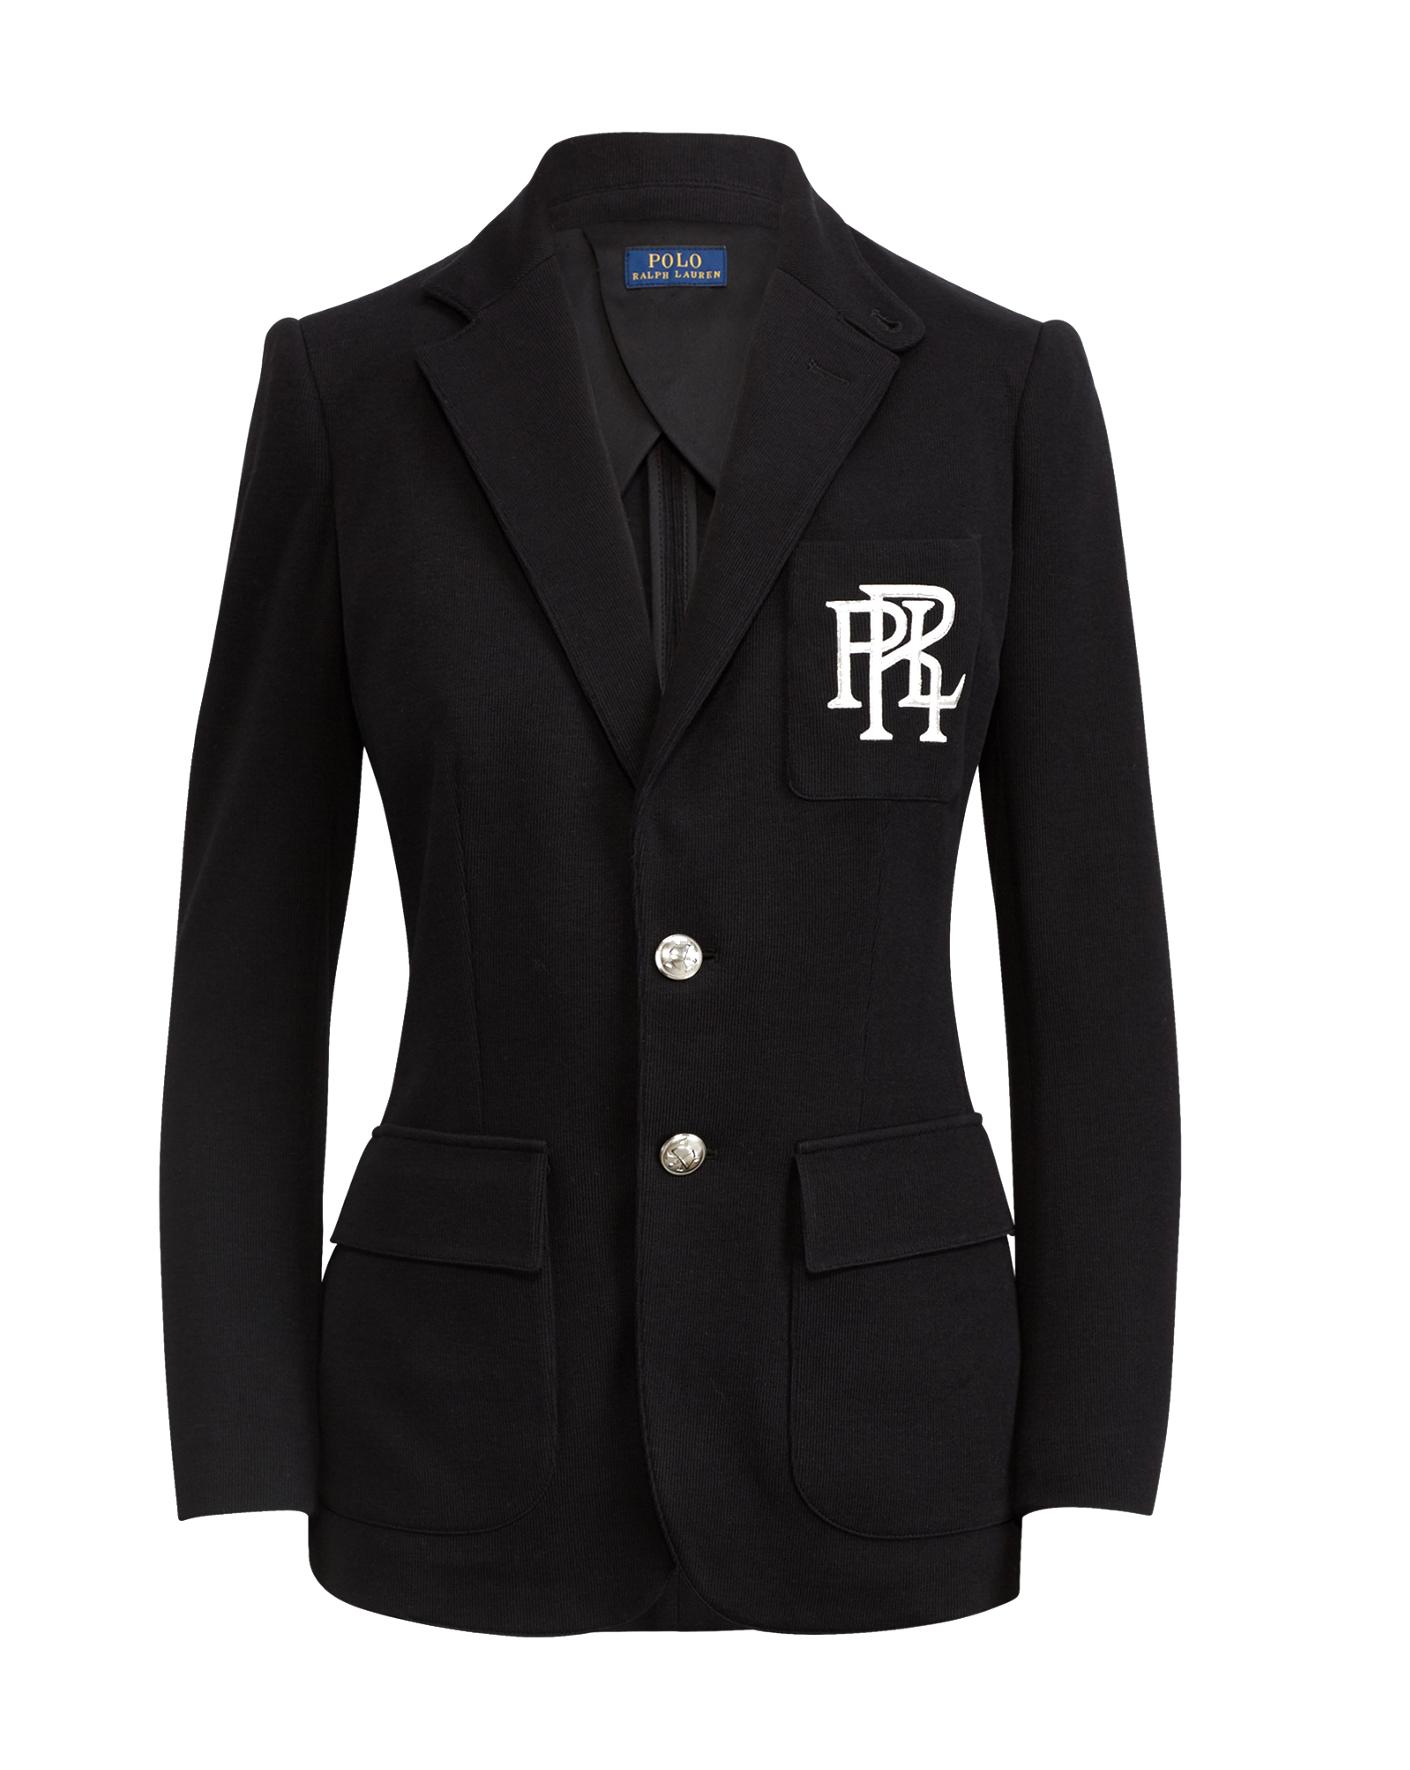 Women's Blazers & Vests - Cotton, Wool, & More | Ralph Lauren